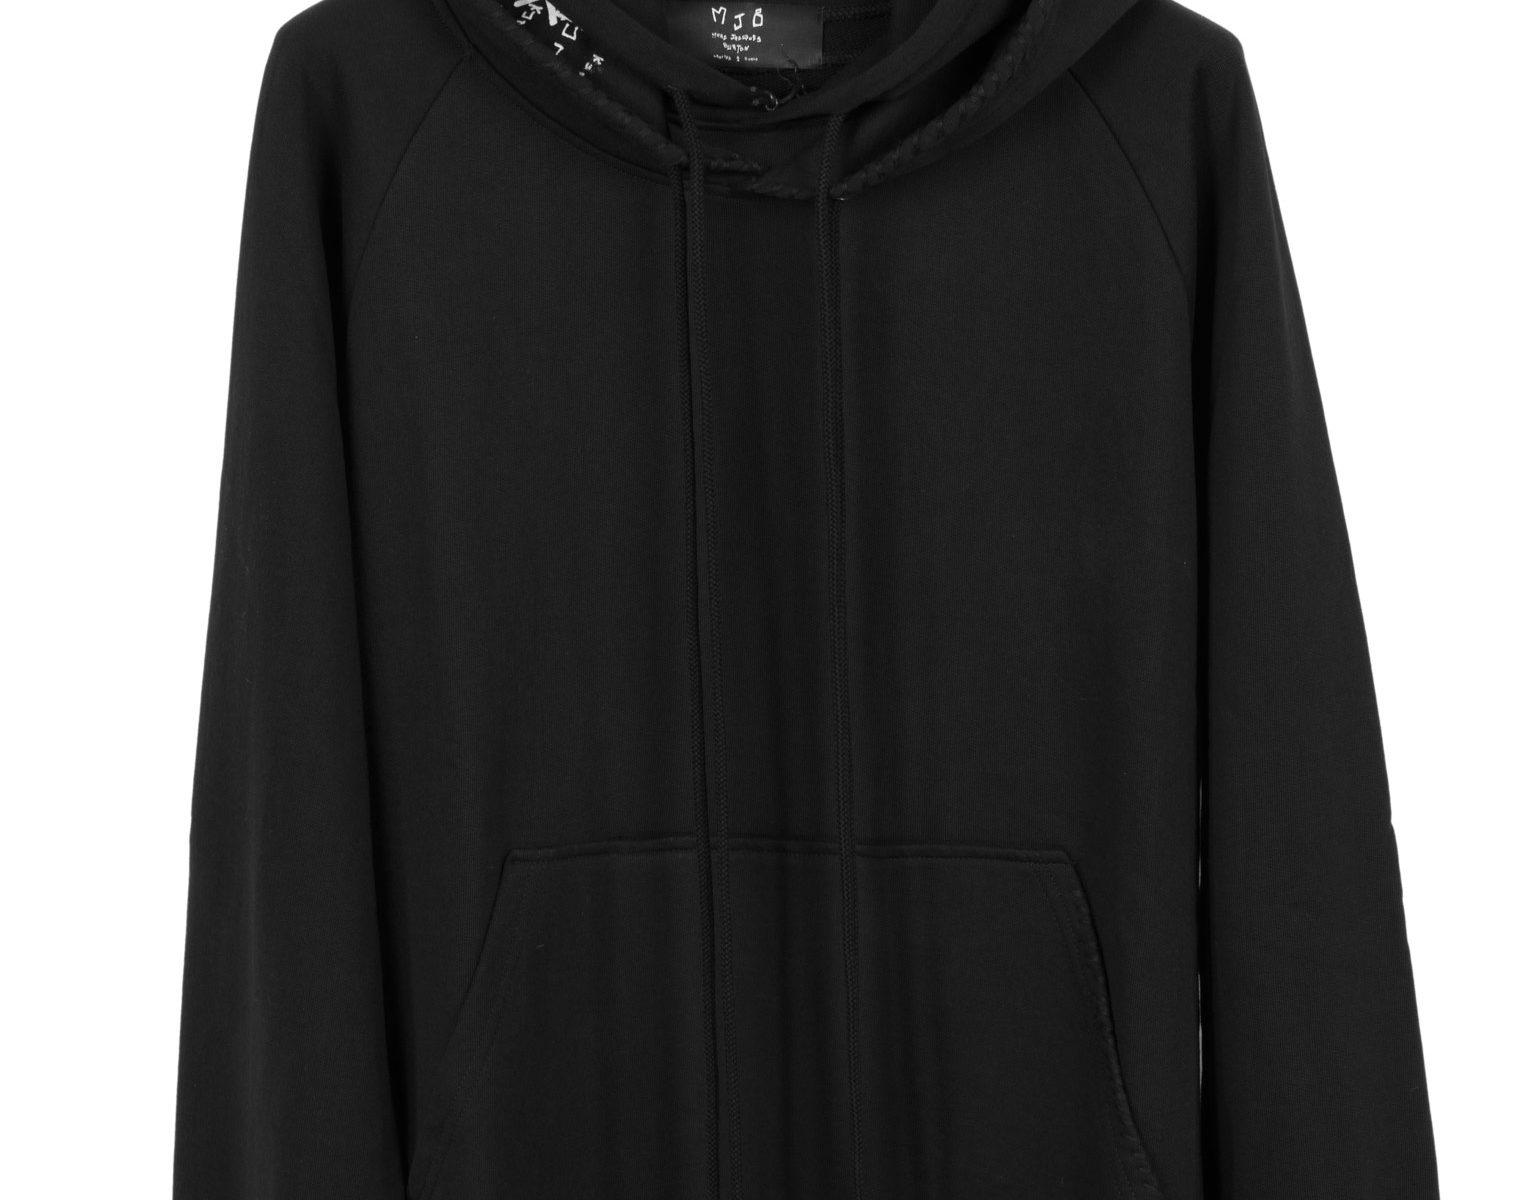 MJB Printed Unum Gemimus Hooded Sweater 1